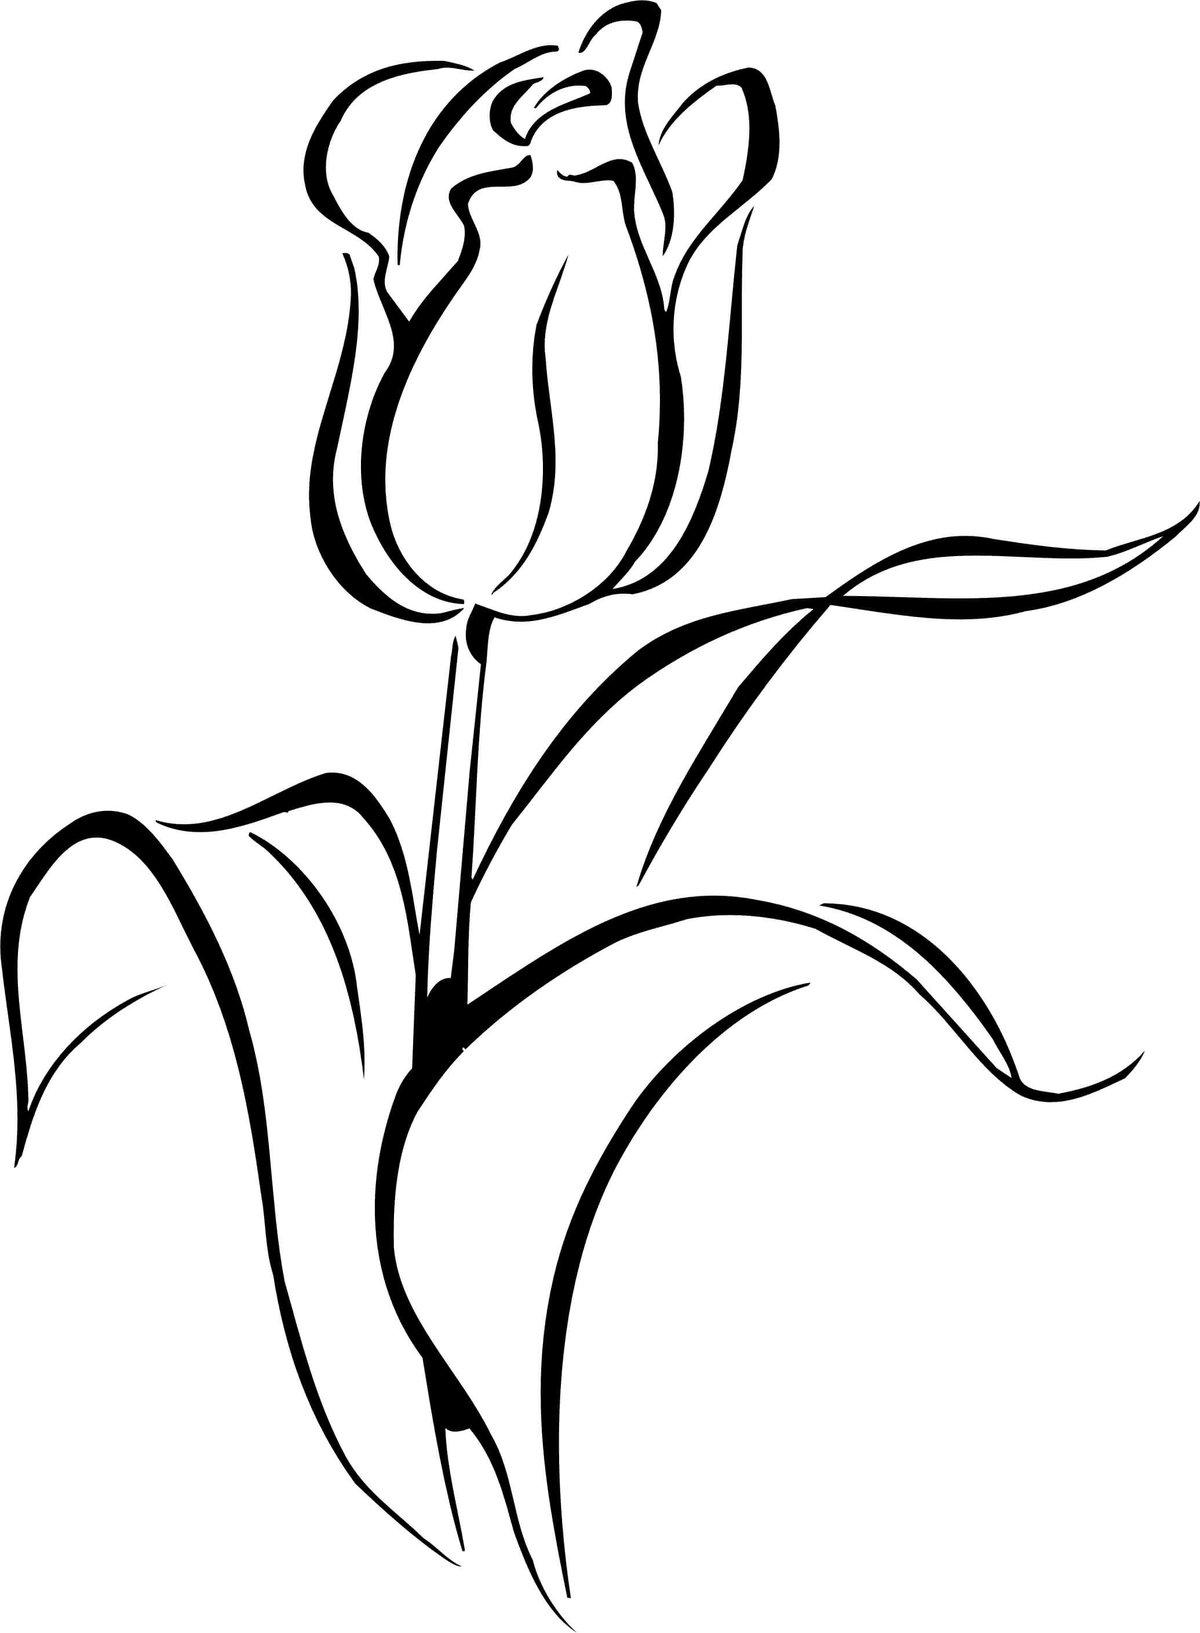 жжение языка картинки бутон тюльпана нарисовать будущей